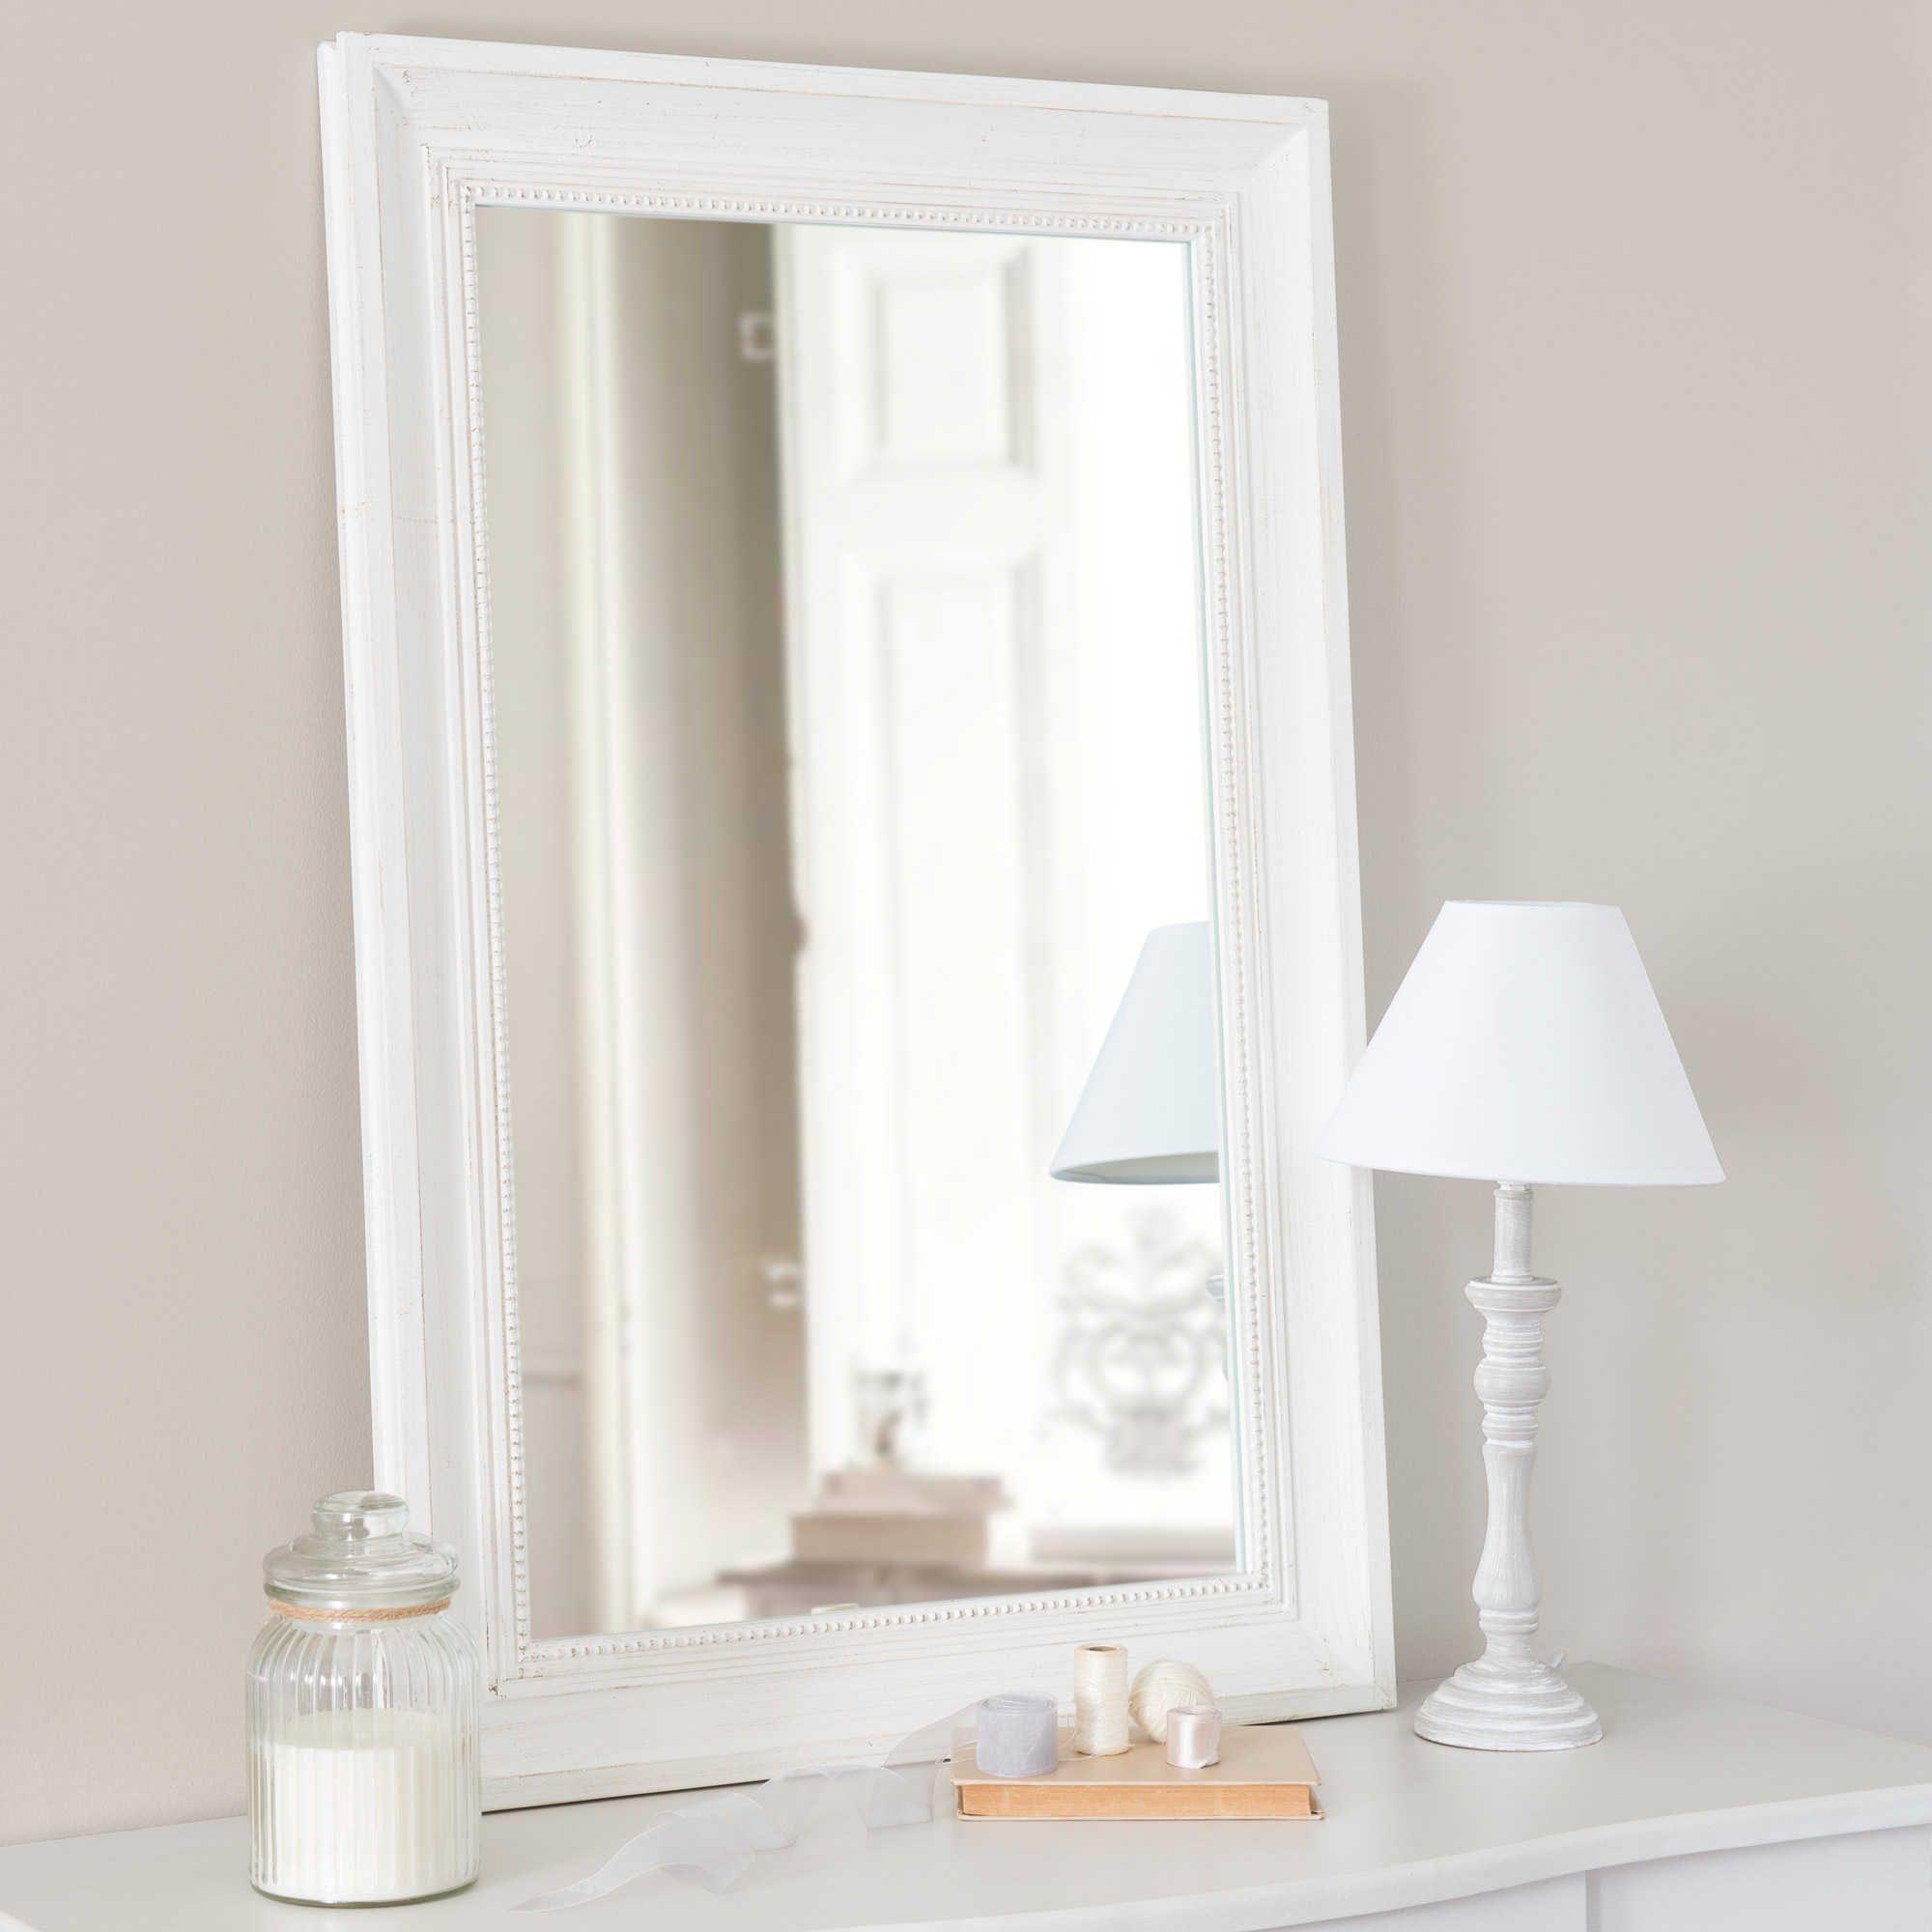 free miroir en bois cru h cm honor maisons du monde with maisons du monde miroirs. Black Bedroom Furniture Sets. Home Design Ideas